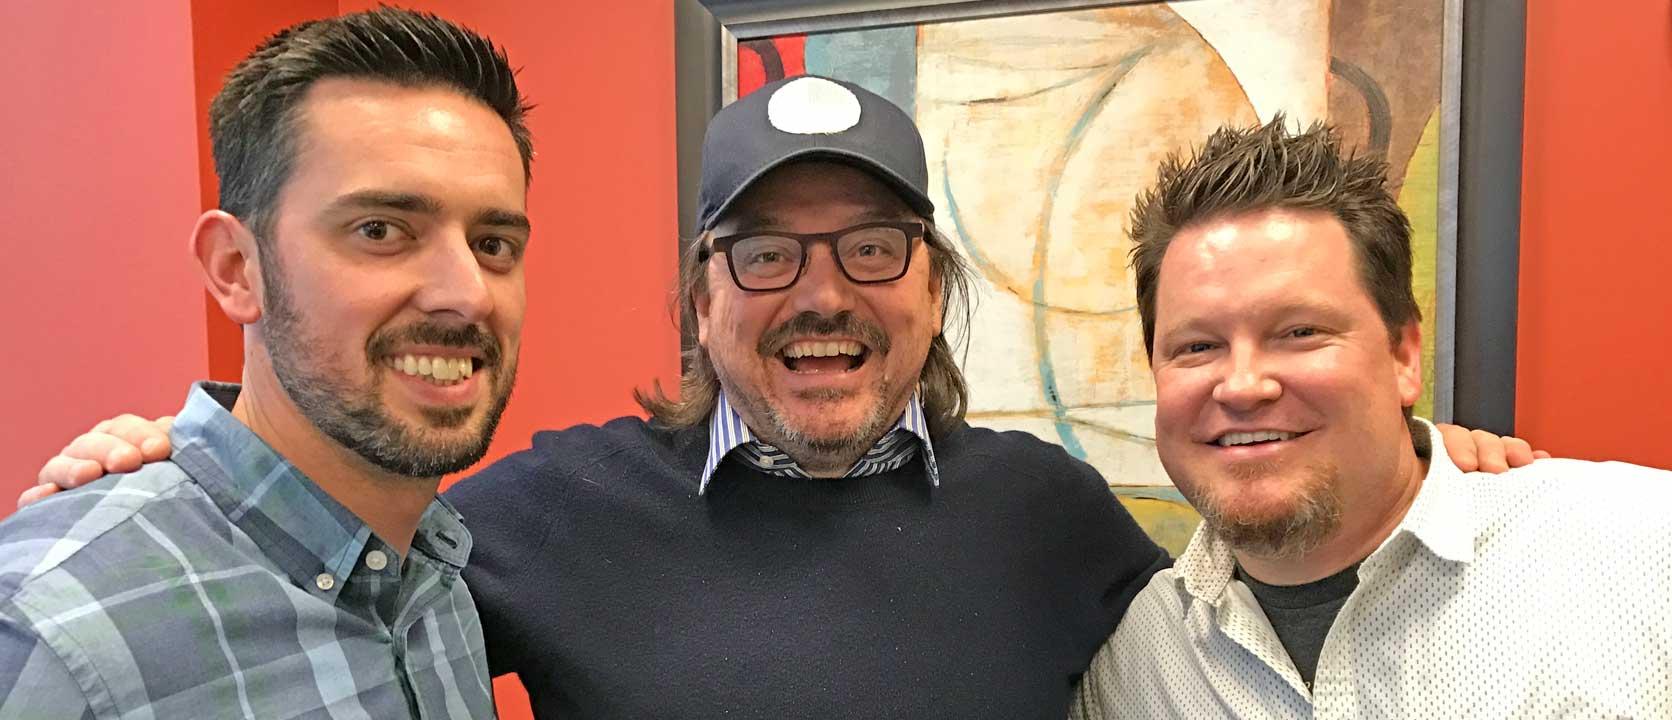 DivvyHQ Names Robert Rose to Board of Directors